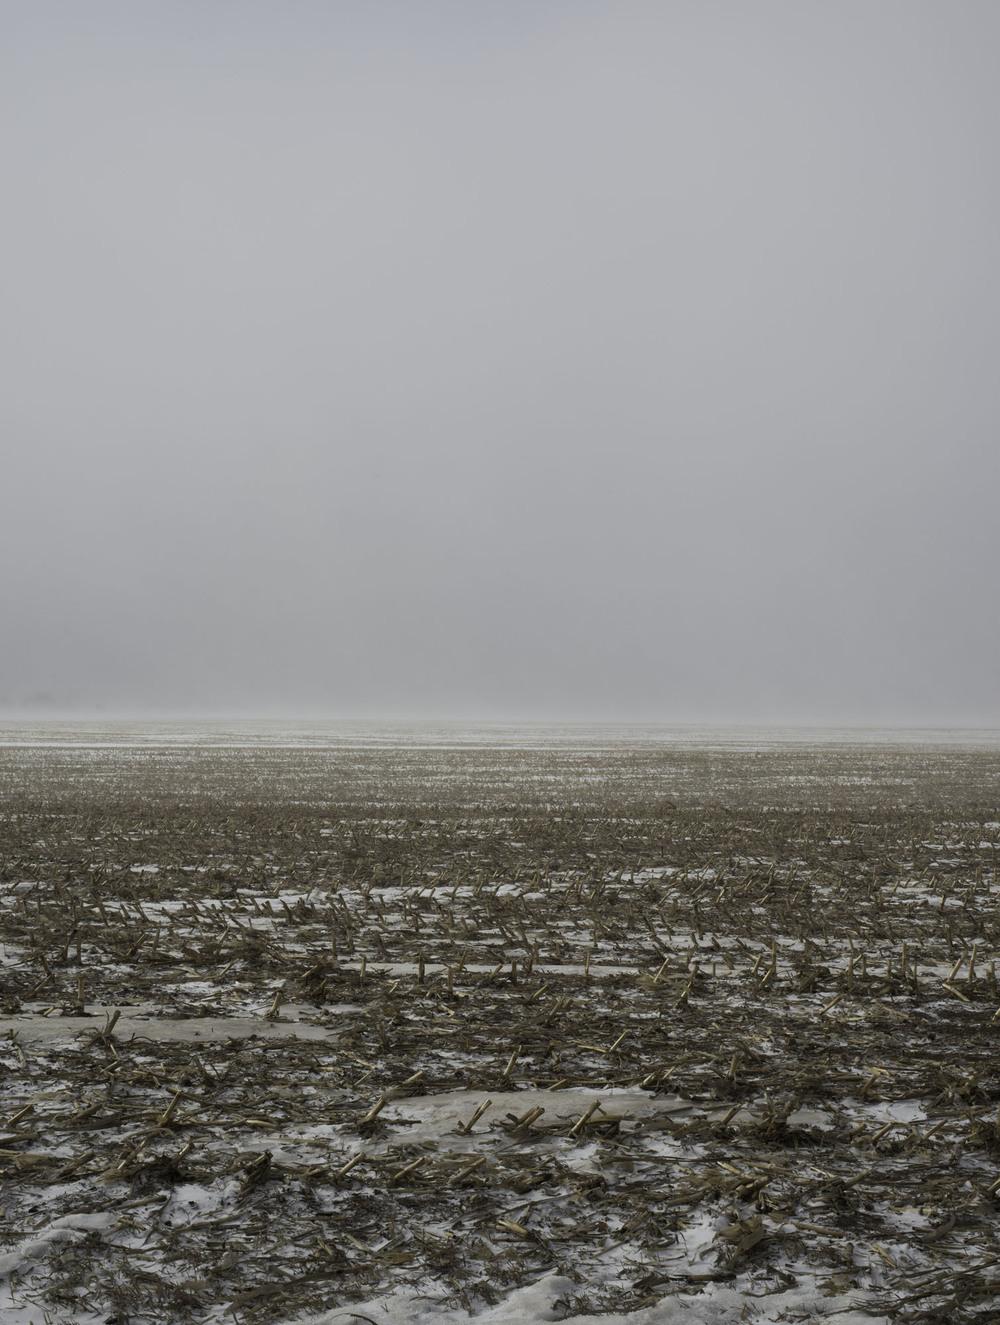 EmptyfieldSD_1.2014_Hruby.jpg